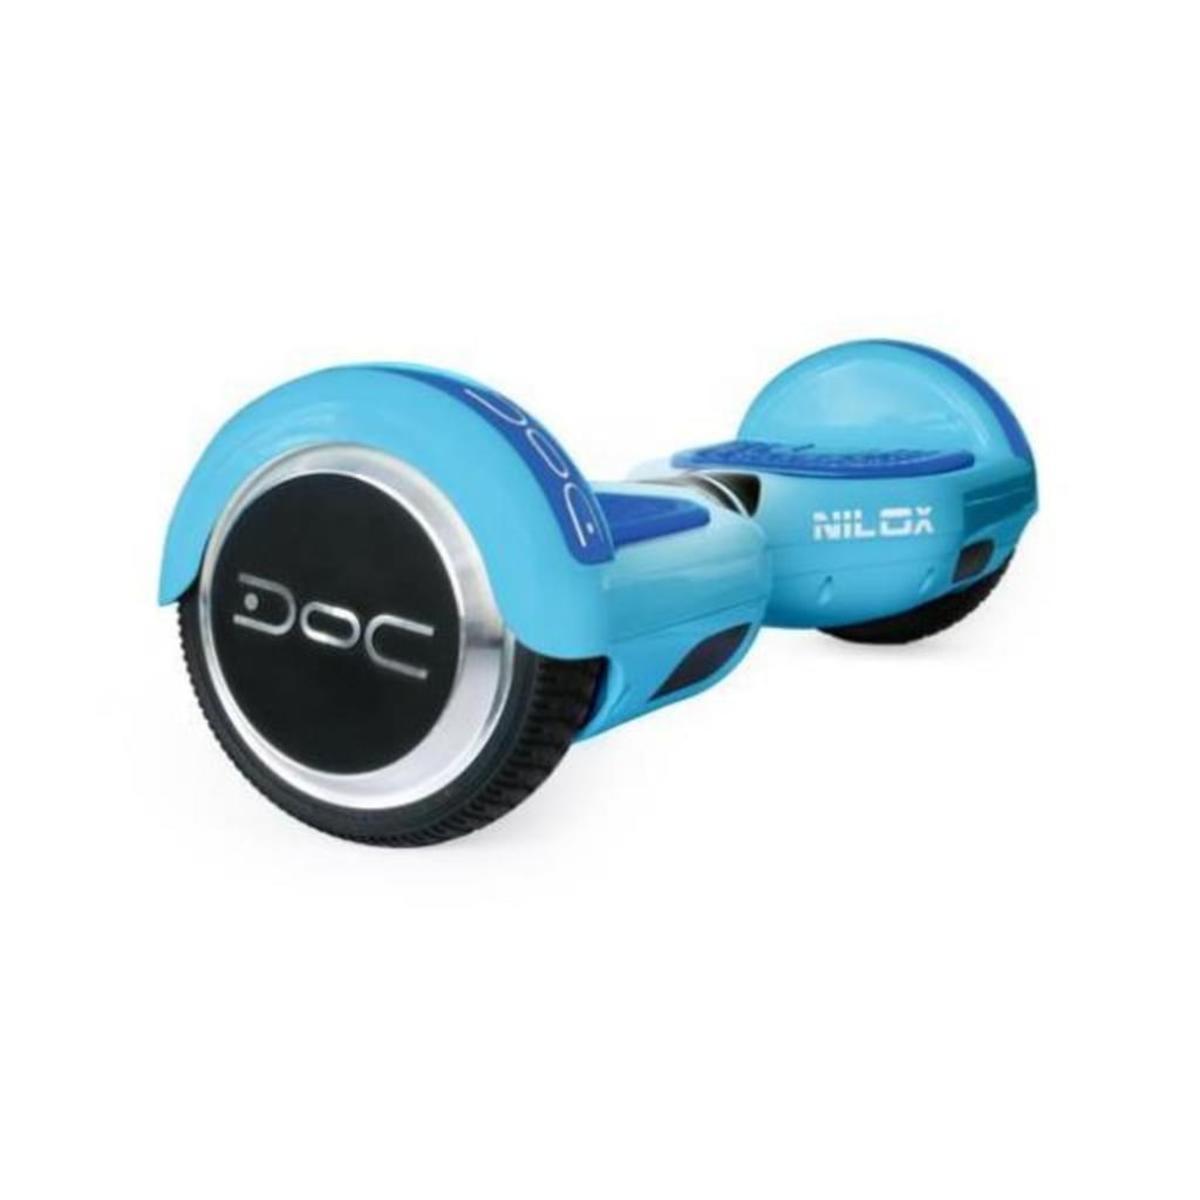 Bild 3 von Nilox DOC E-Balance Board Blau